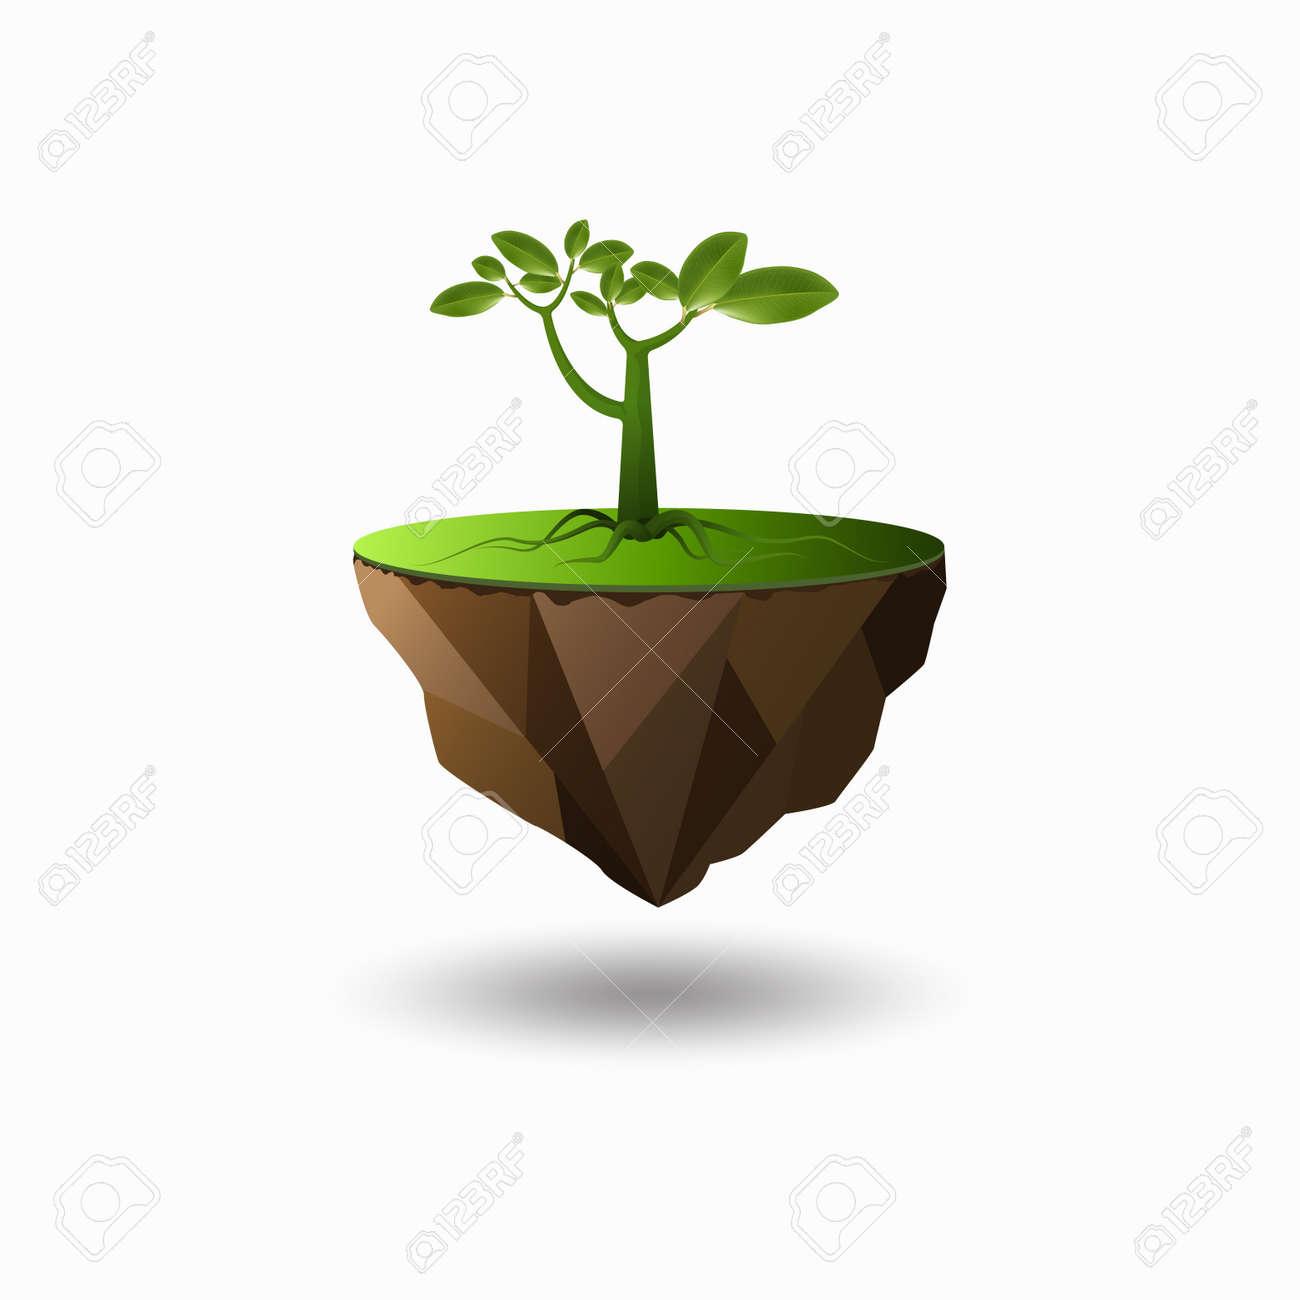 Boom Is De Essentie Van Al Het Leven Op Aarde Concept Geïsoleerd Op Een Witte Achtergrond Vectorillustratie